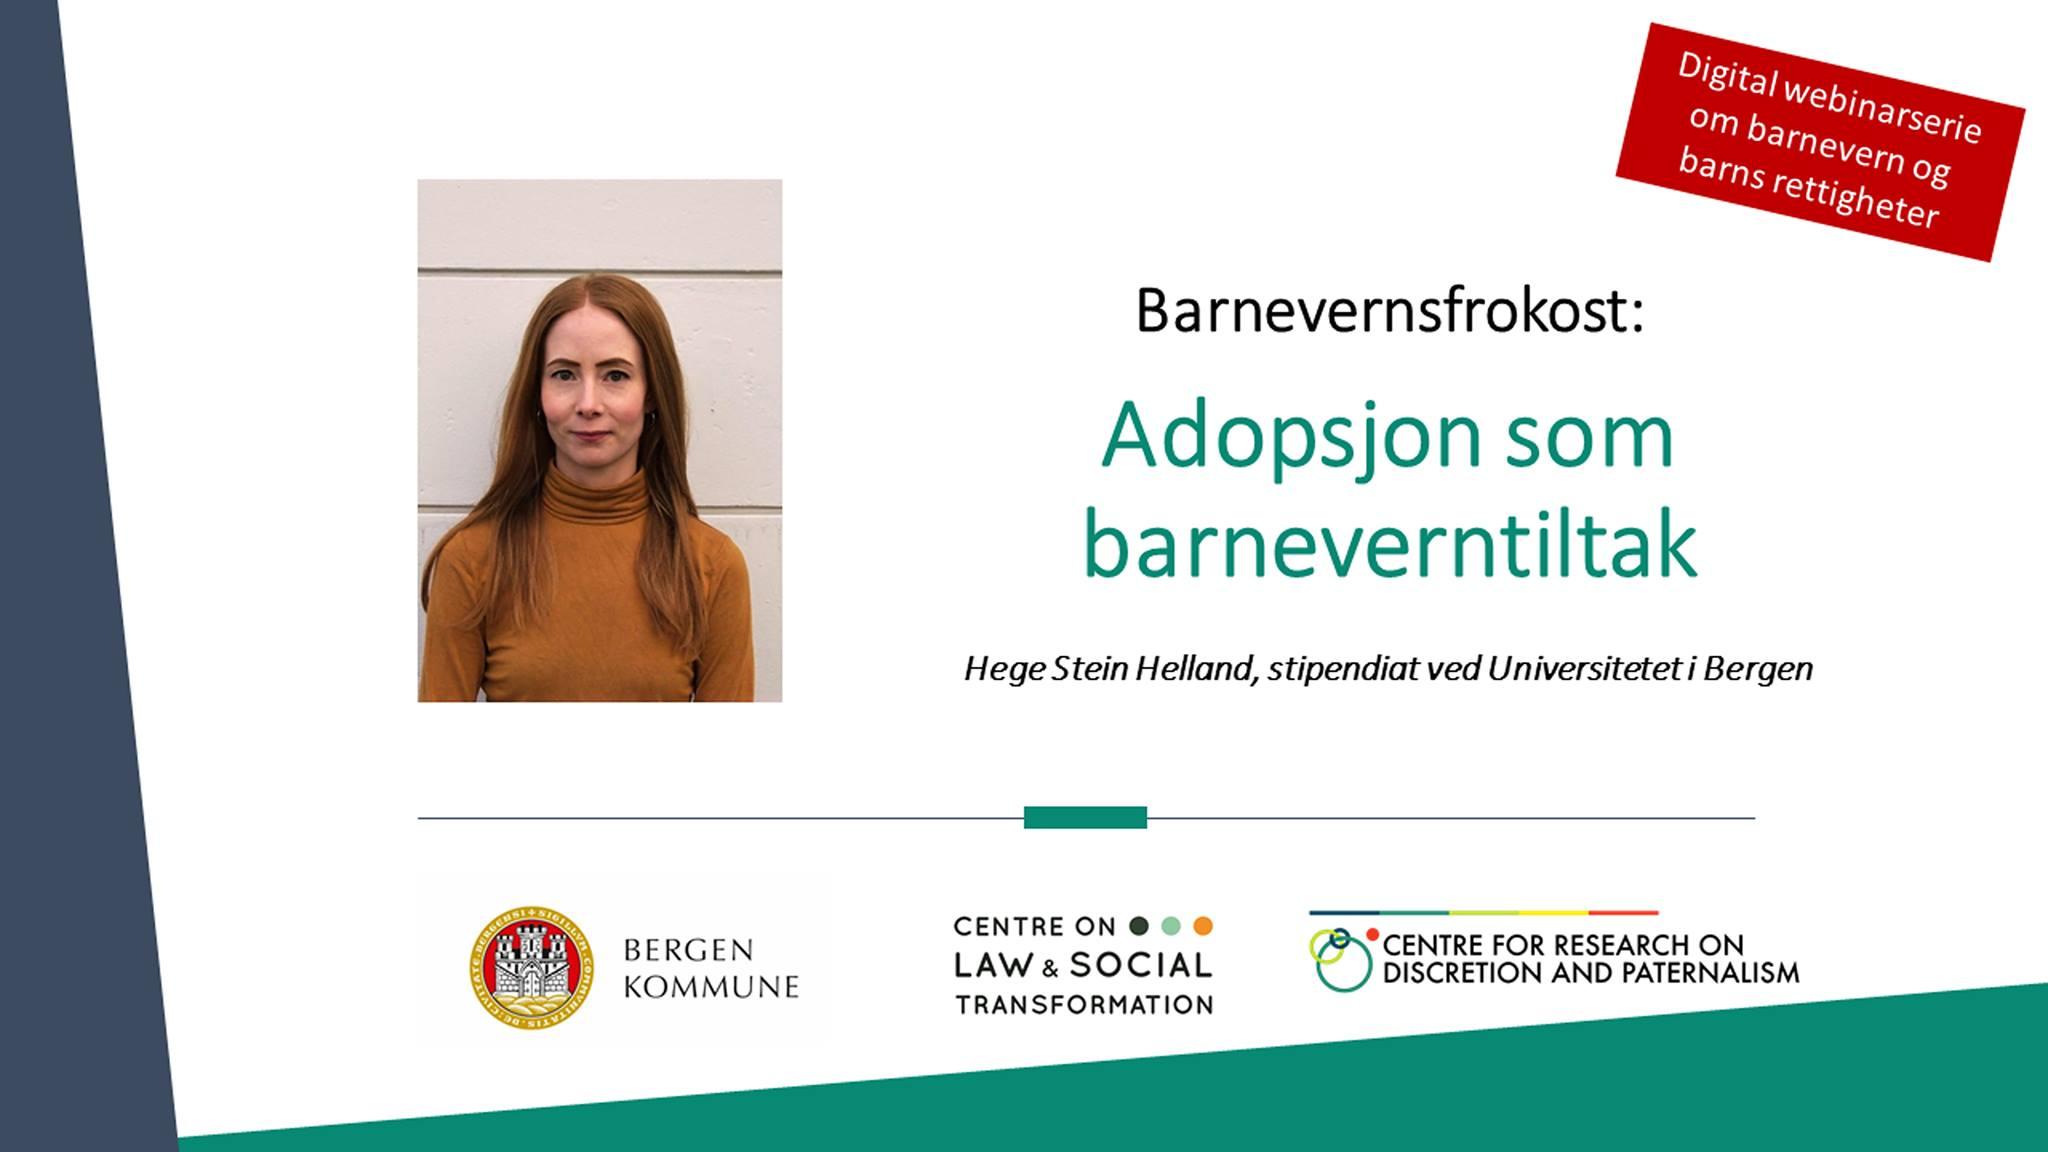 adopsjon som barnevernsvtiltak